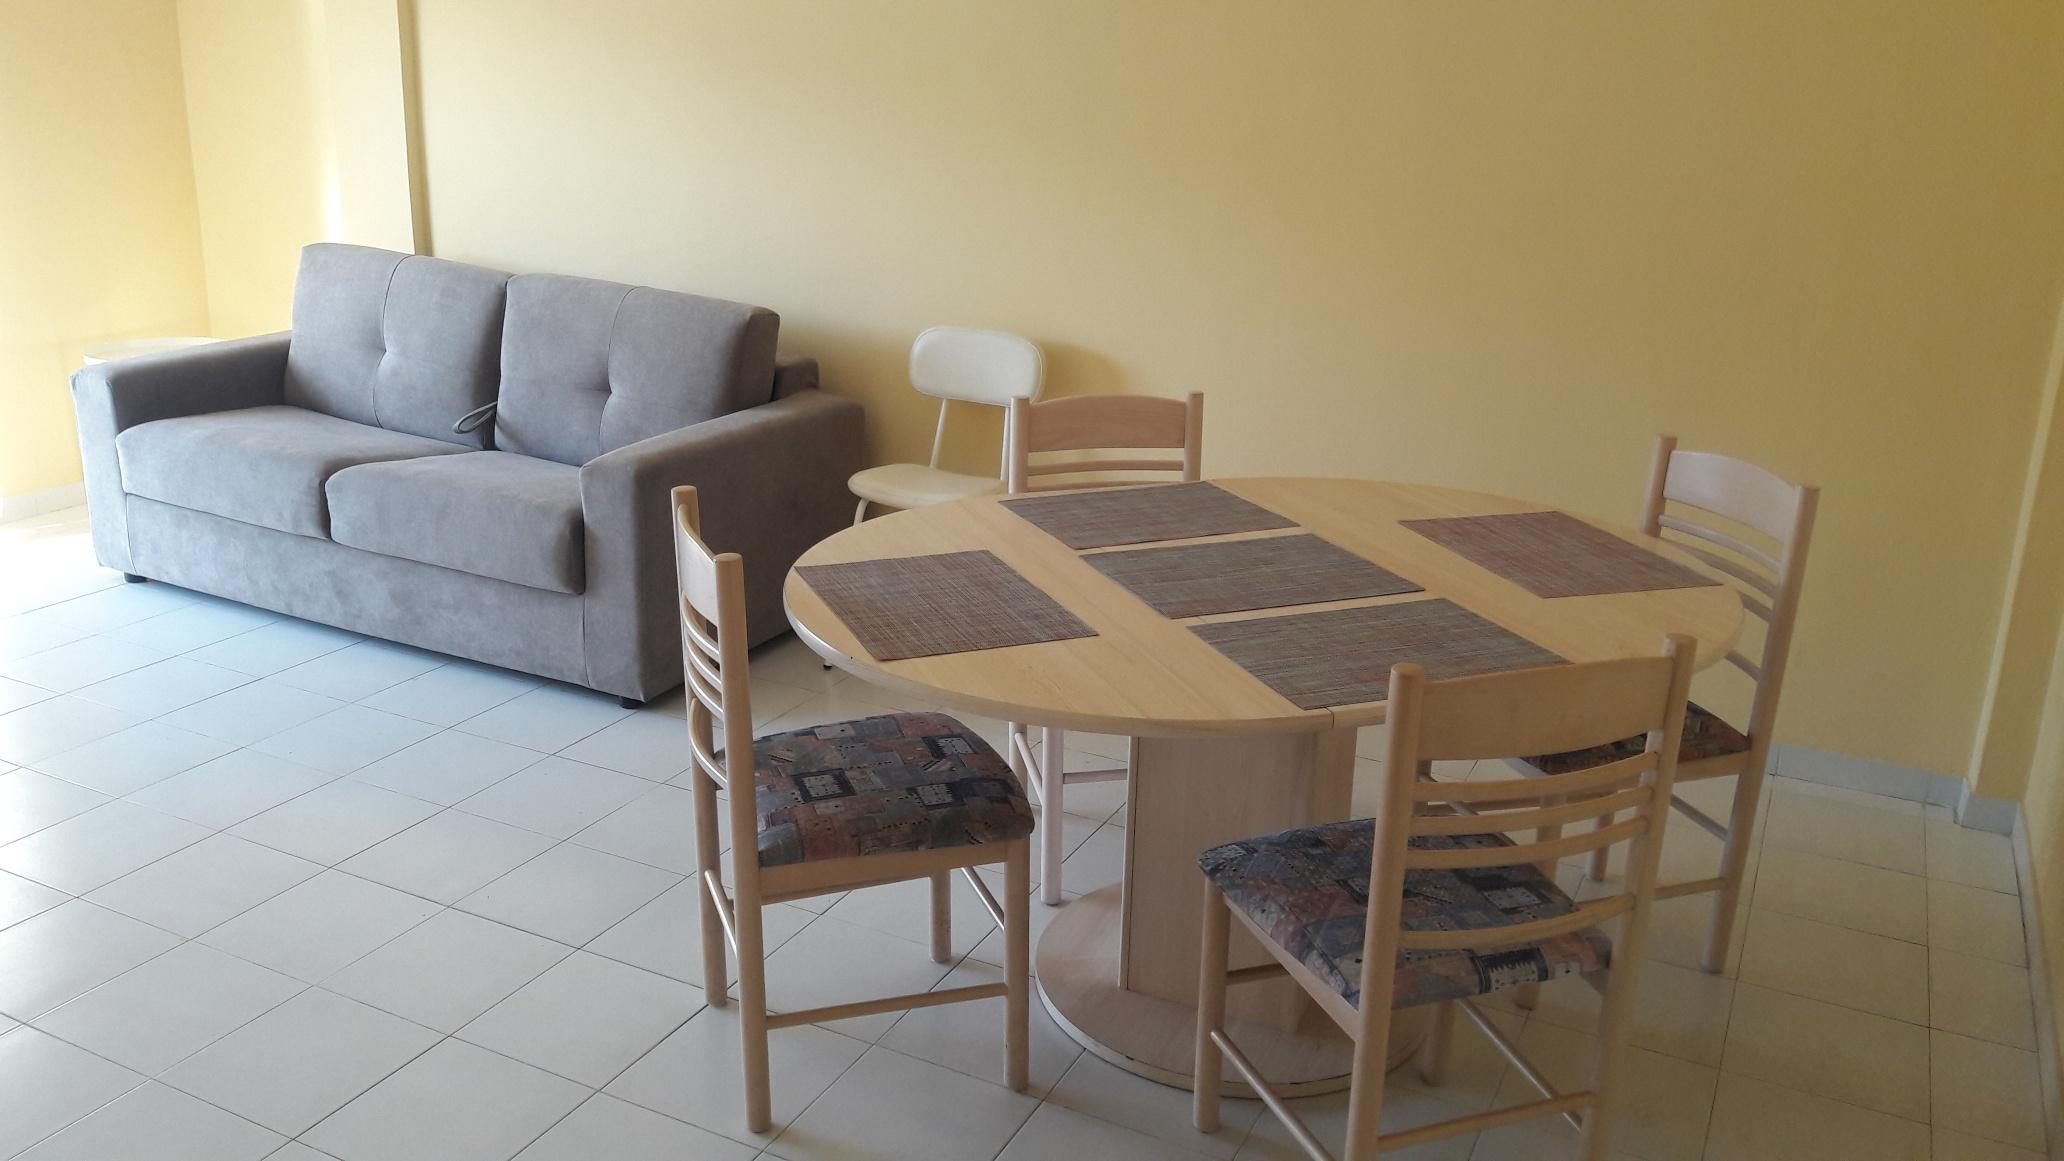 Location appartements et villas de vacance, appartement  a quarteira à Quarteira, Portugal Algarve, REF_IMG_8360_8364